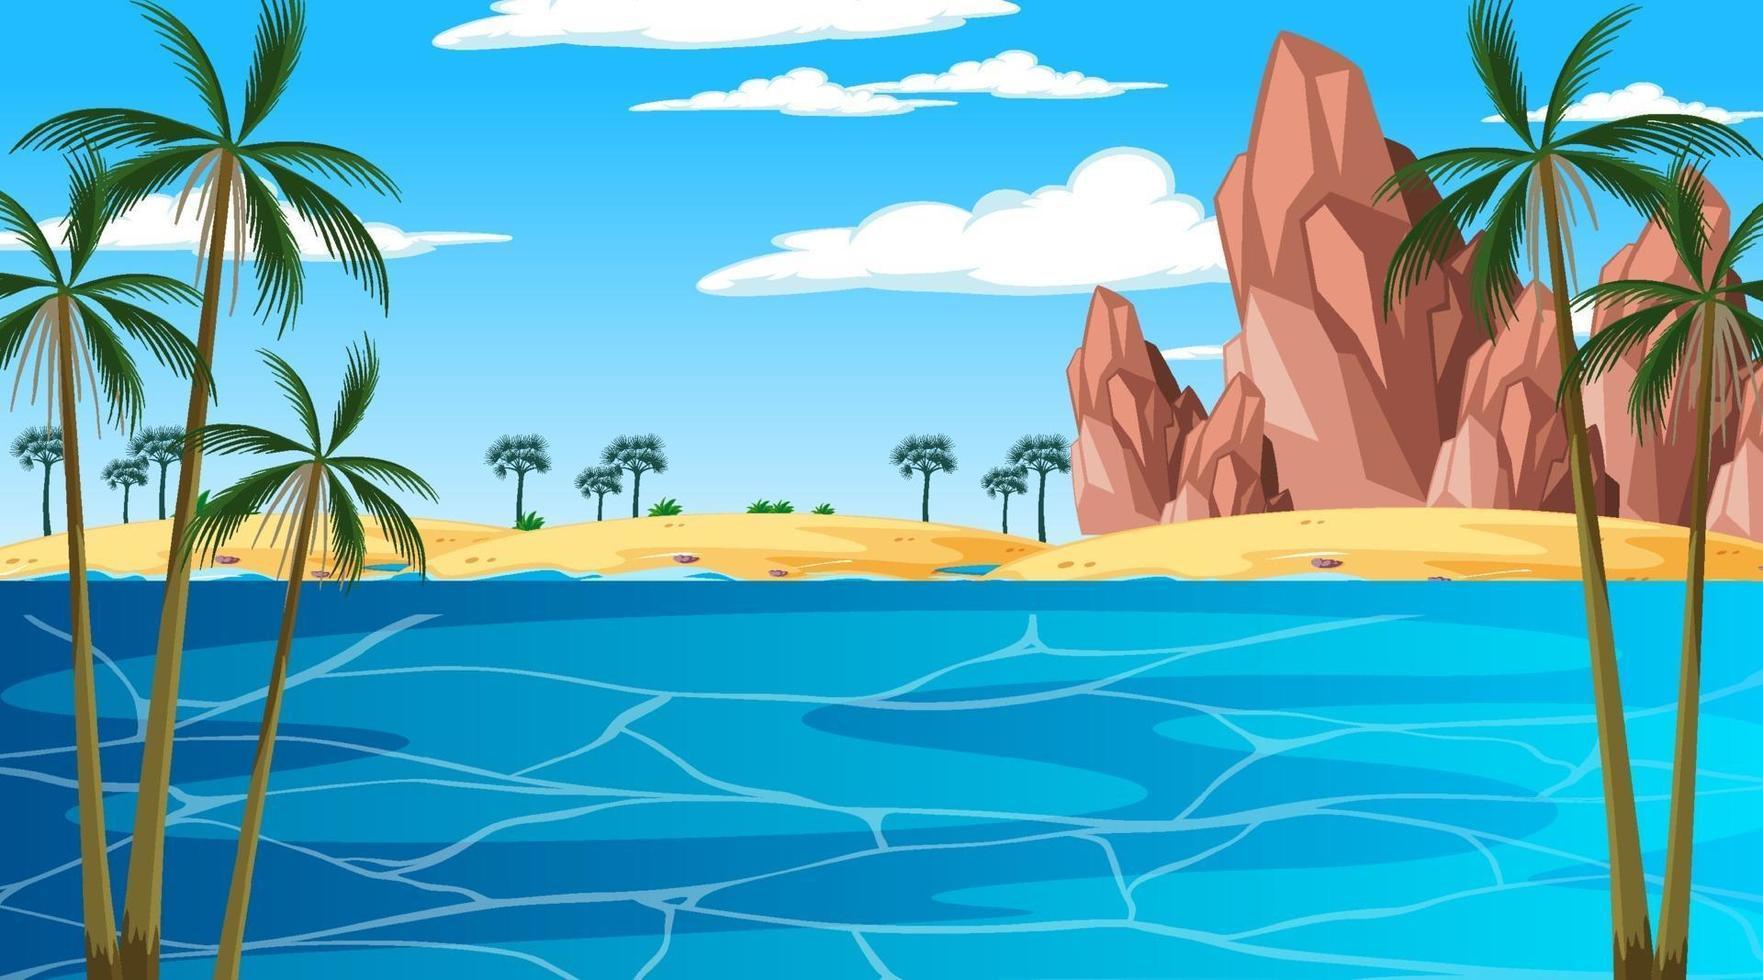 scena di paesaggio spiaggia tropicale durante il giorno vettore